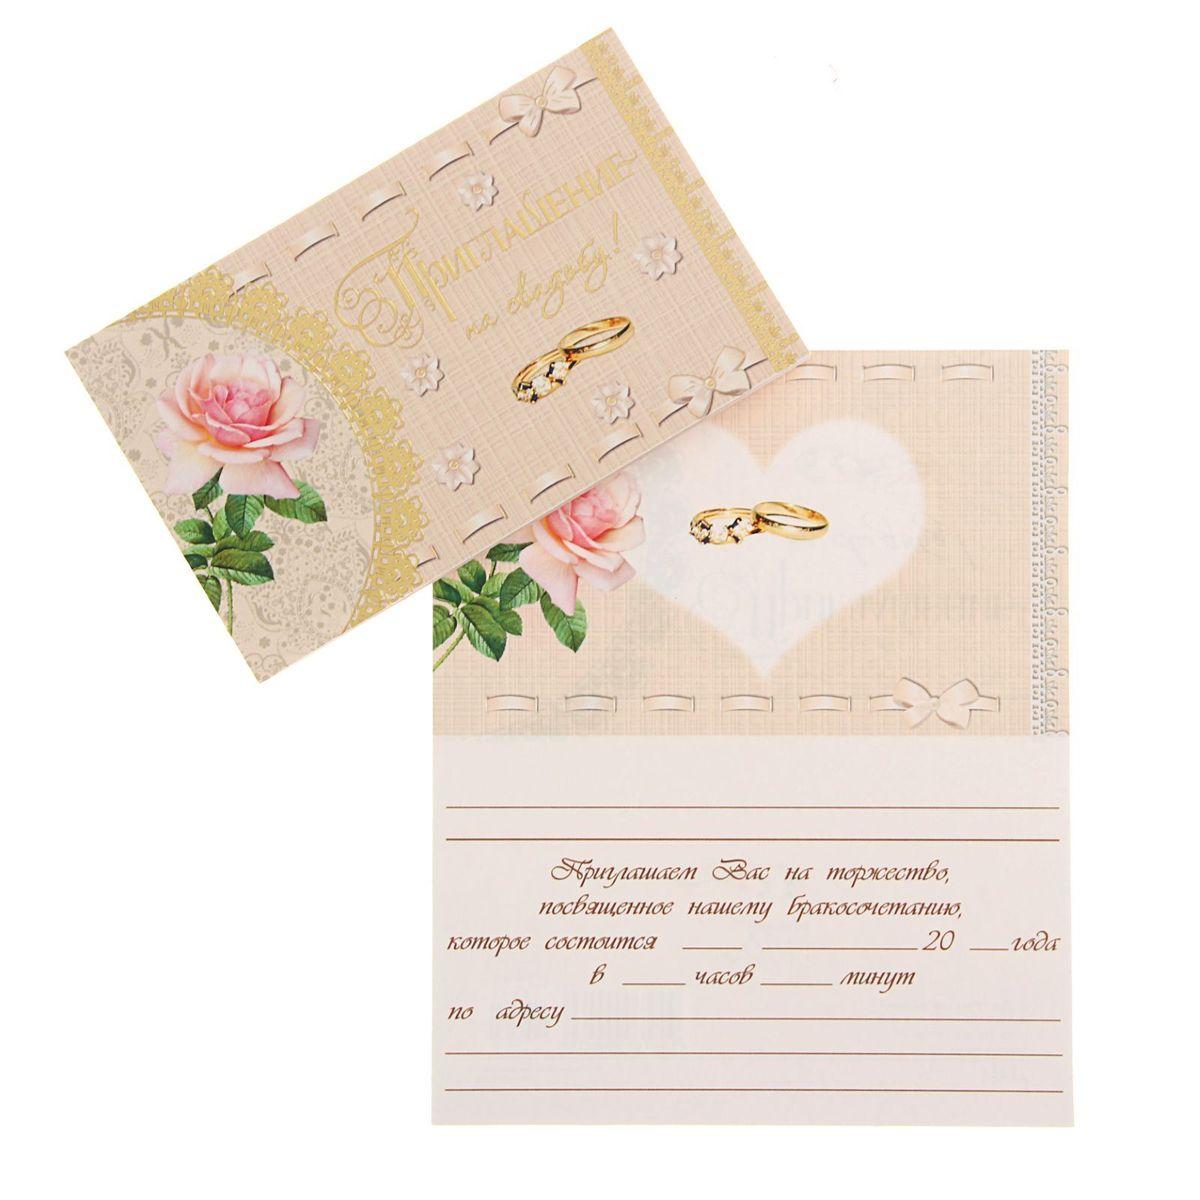 Приглашение на свадьбу Русский дизайн Роза с золотом, 14 х 8,5 см747204Красивая свадебная пригласительная открытка станет незаменимым атрибутом подготовки к предстоящему торжеству и позволит объявить самым дорогим вам людям о важном событии в вашей жизни. Приглашение на свадьбу Русский дизайн Роза с золотом, выполненное изкартона, отличается не только оригинальным дизайном, но и высоким качеством. Внутри - текстприглашения. Вам остается заполнить необходимые строки и раздать гостям.Устройте себе незабываемую свадьбу! Размер: 14 х 8,5 см.